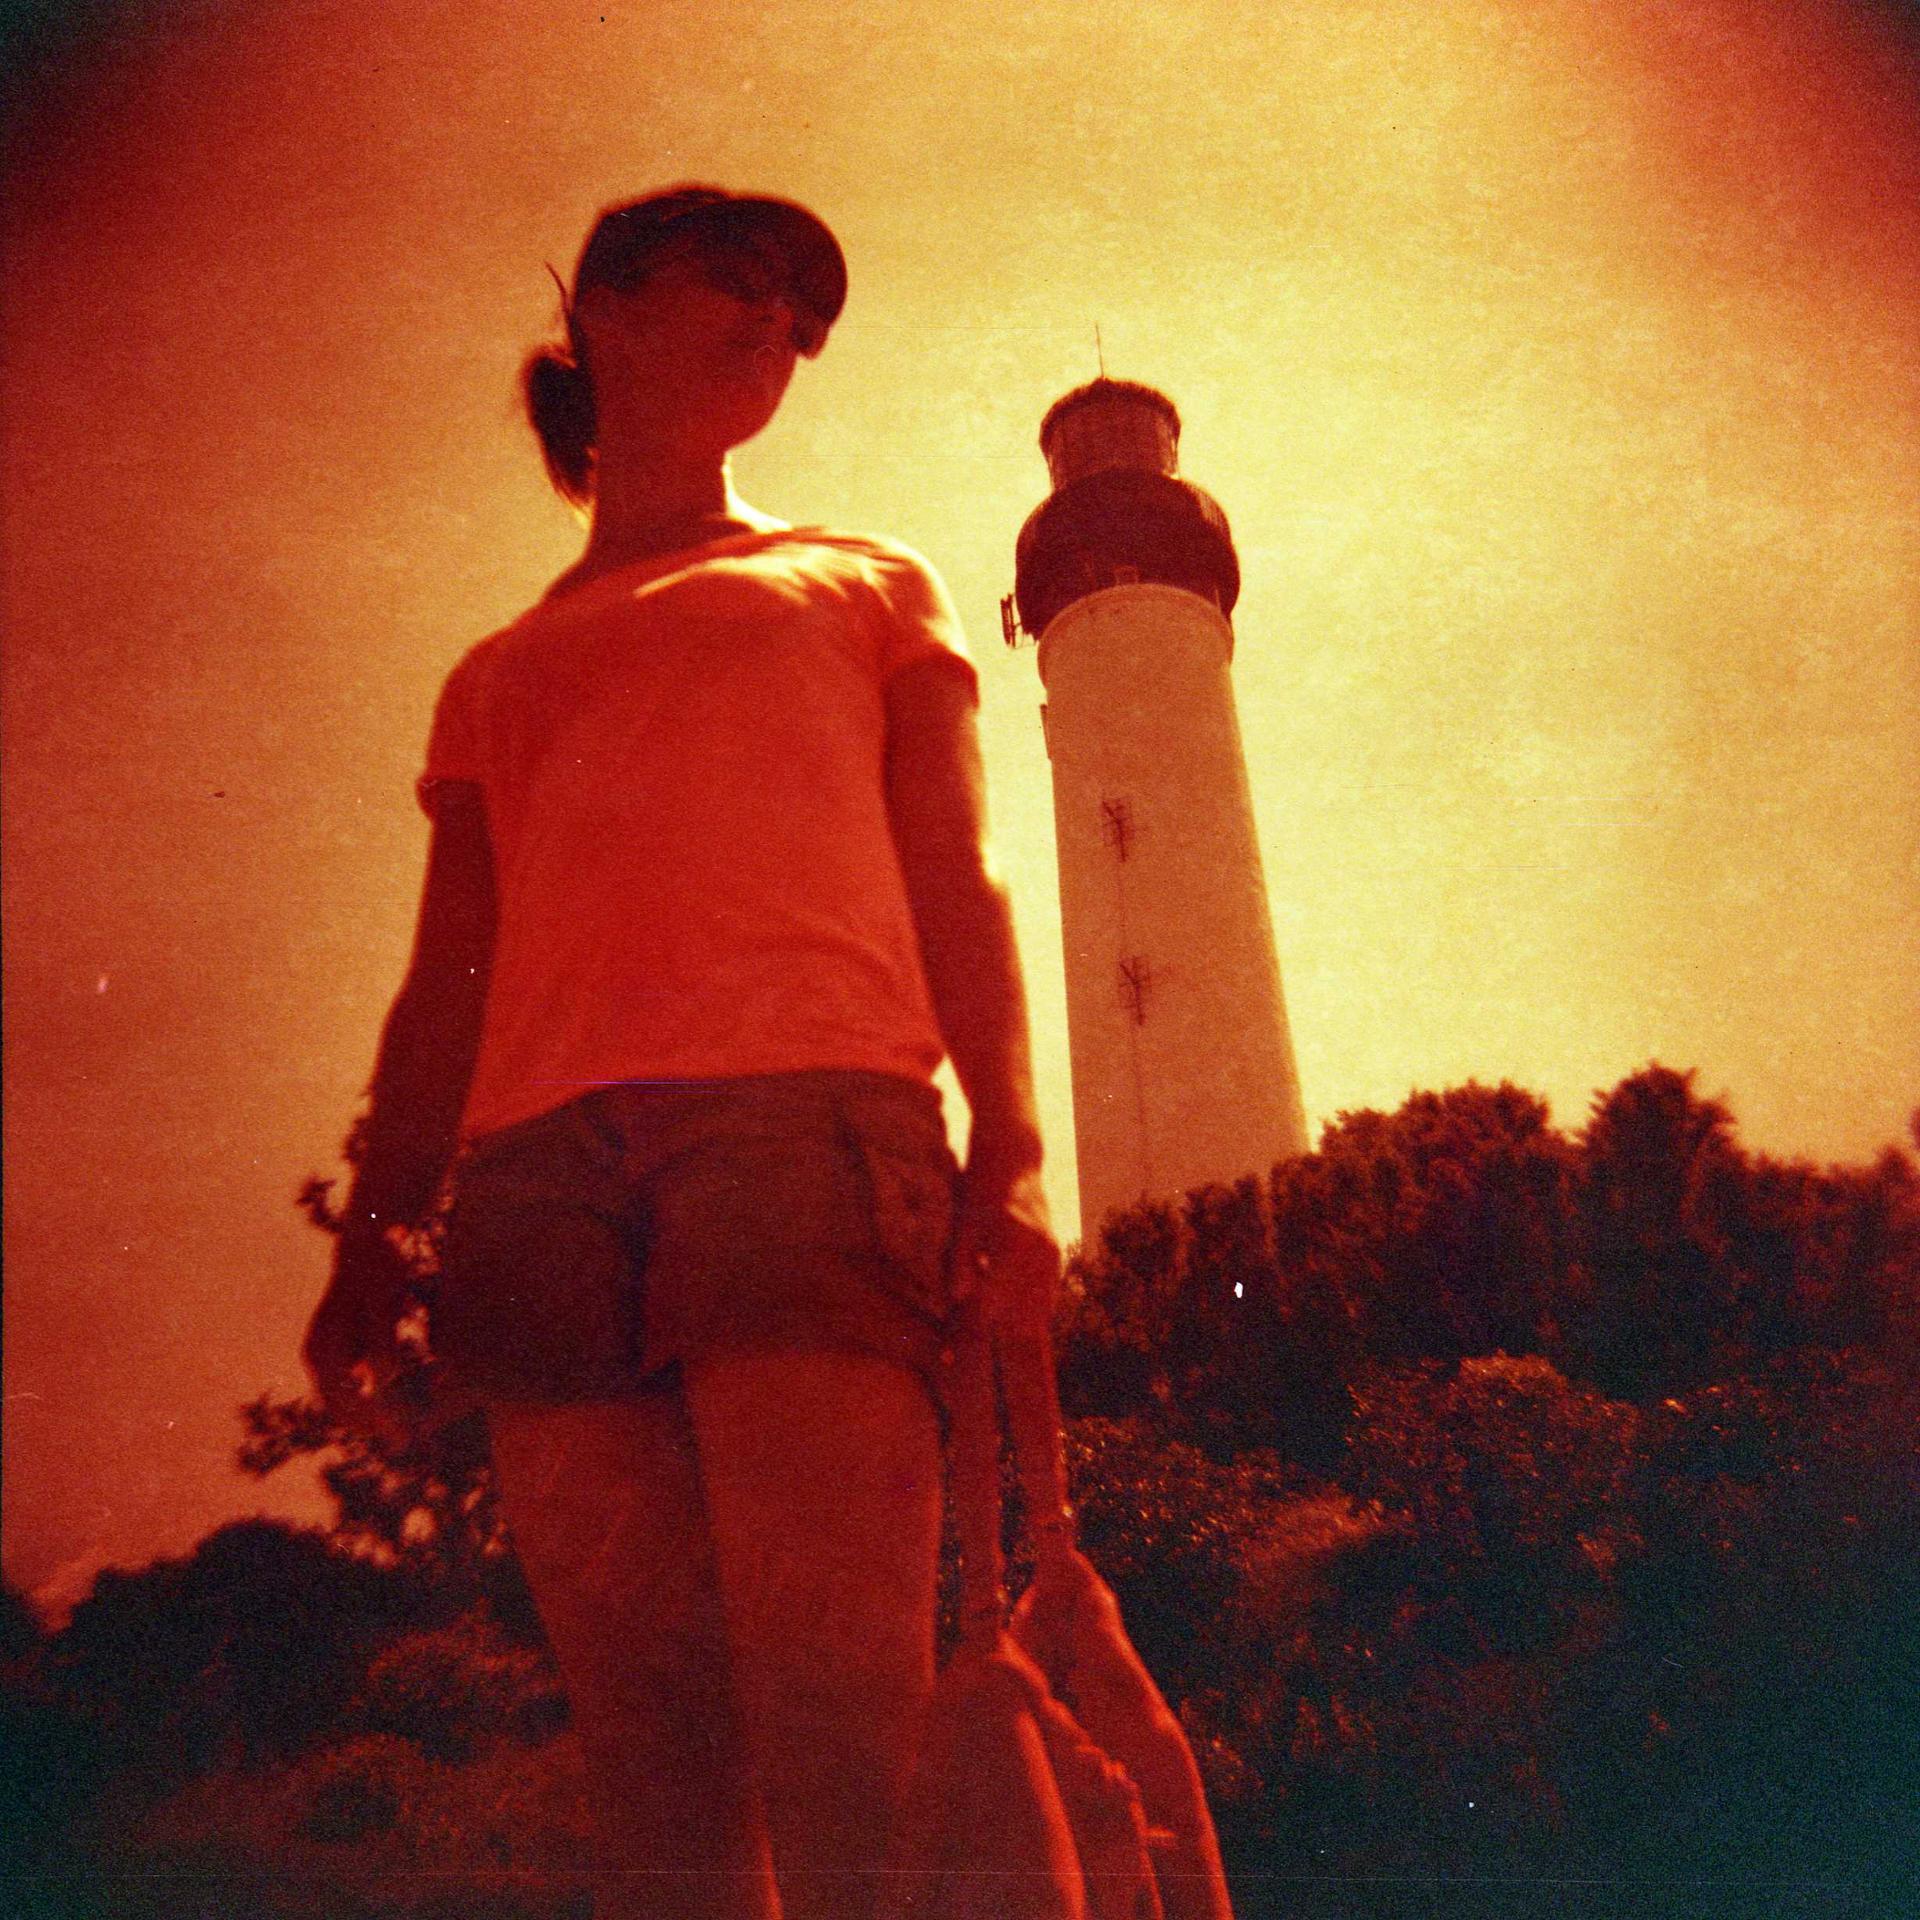 Le phare et ma lumière